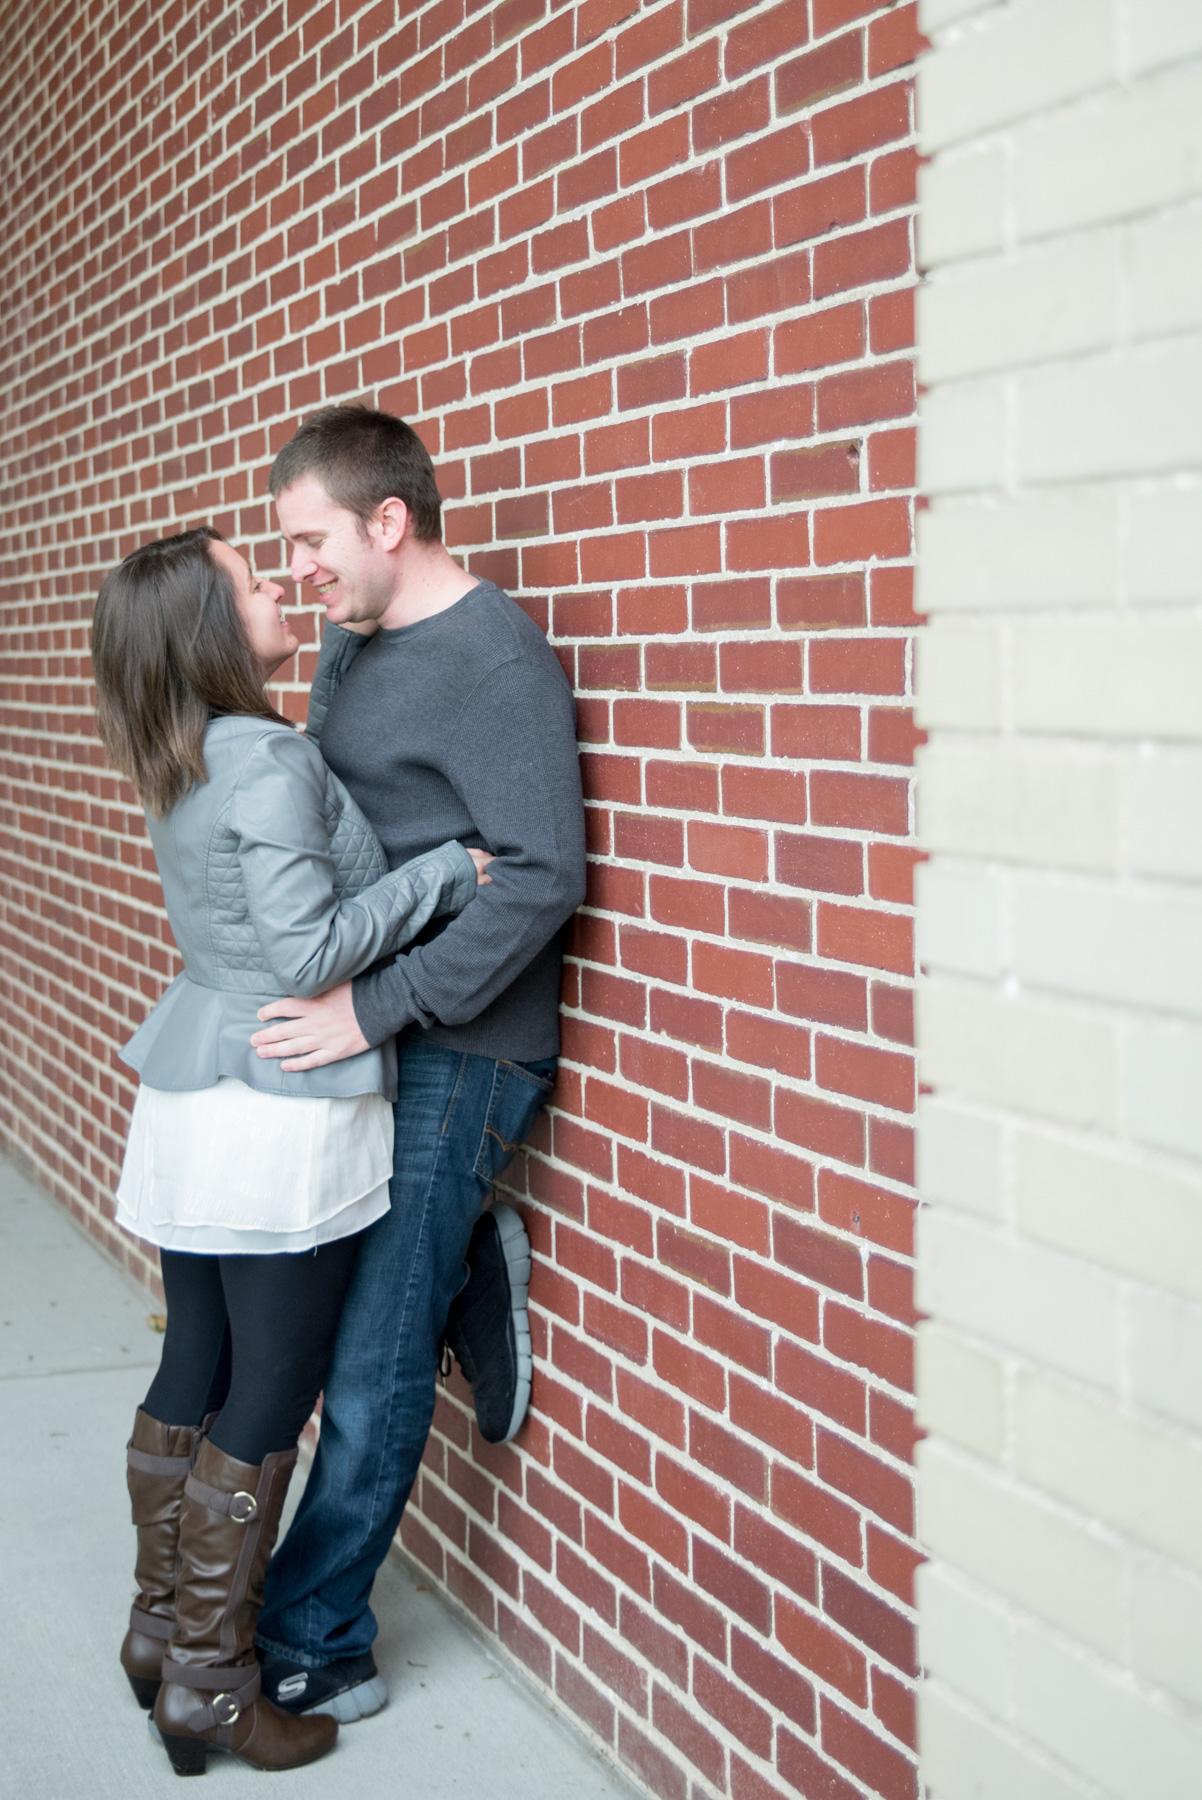 kutztown university dating